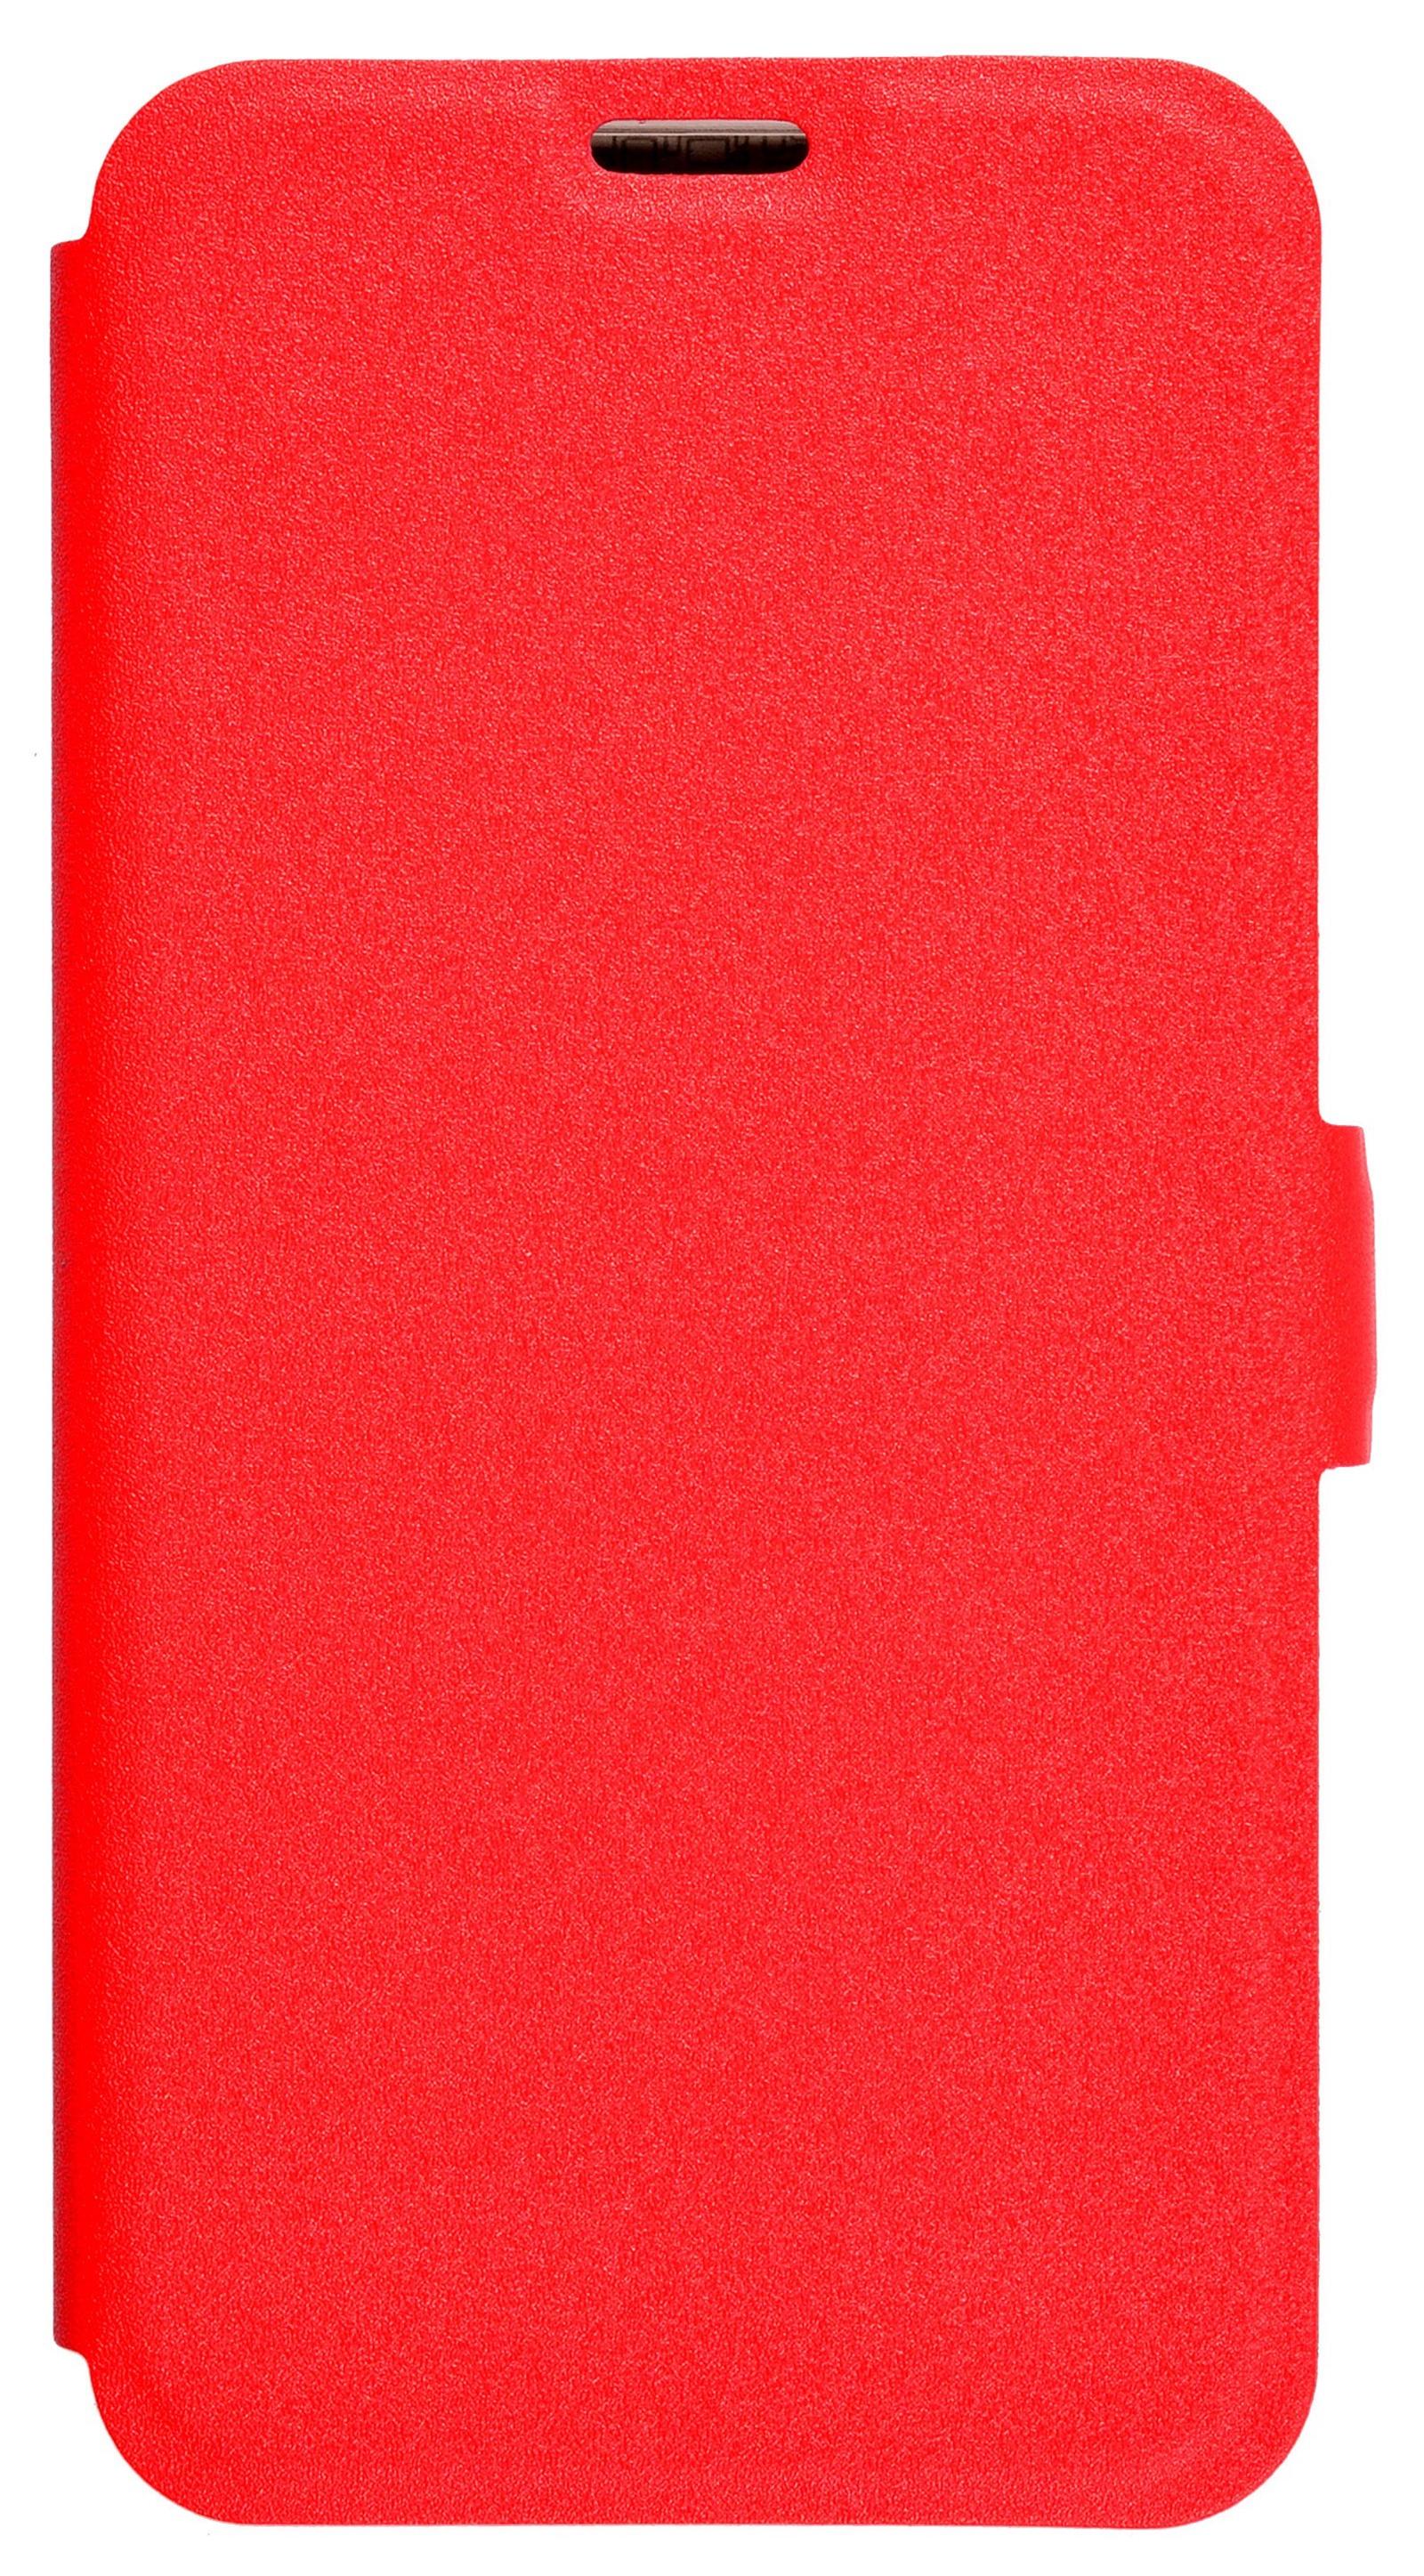 Чехол для сотового телефона PRIME Book, 4630042523661, красный чехол для сотового телефона prime book 4630042523708 красный